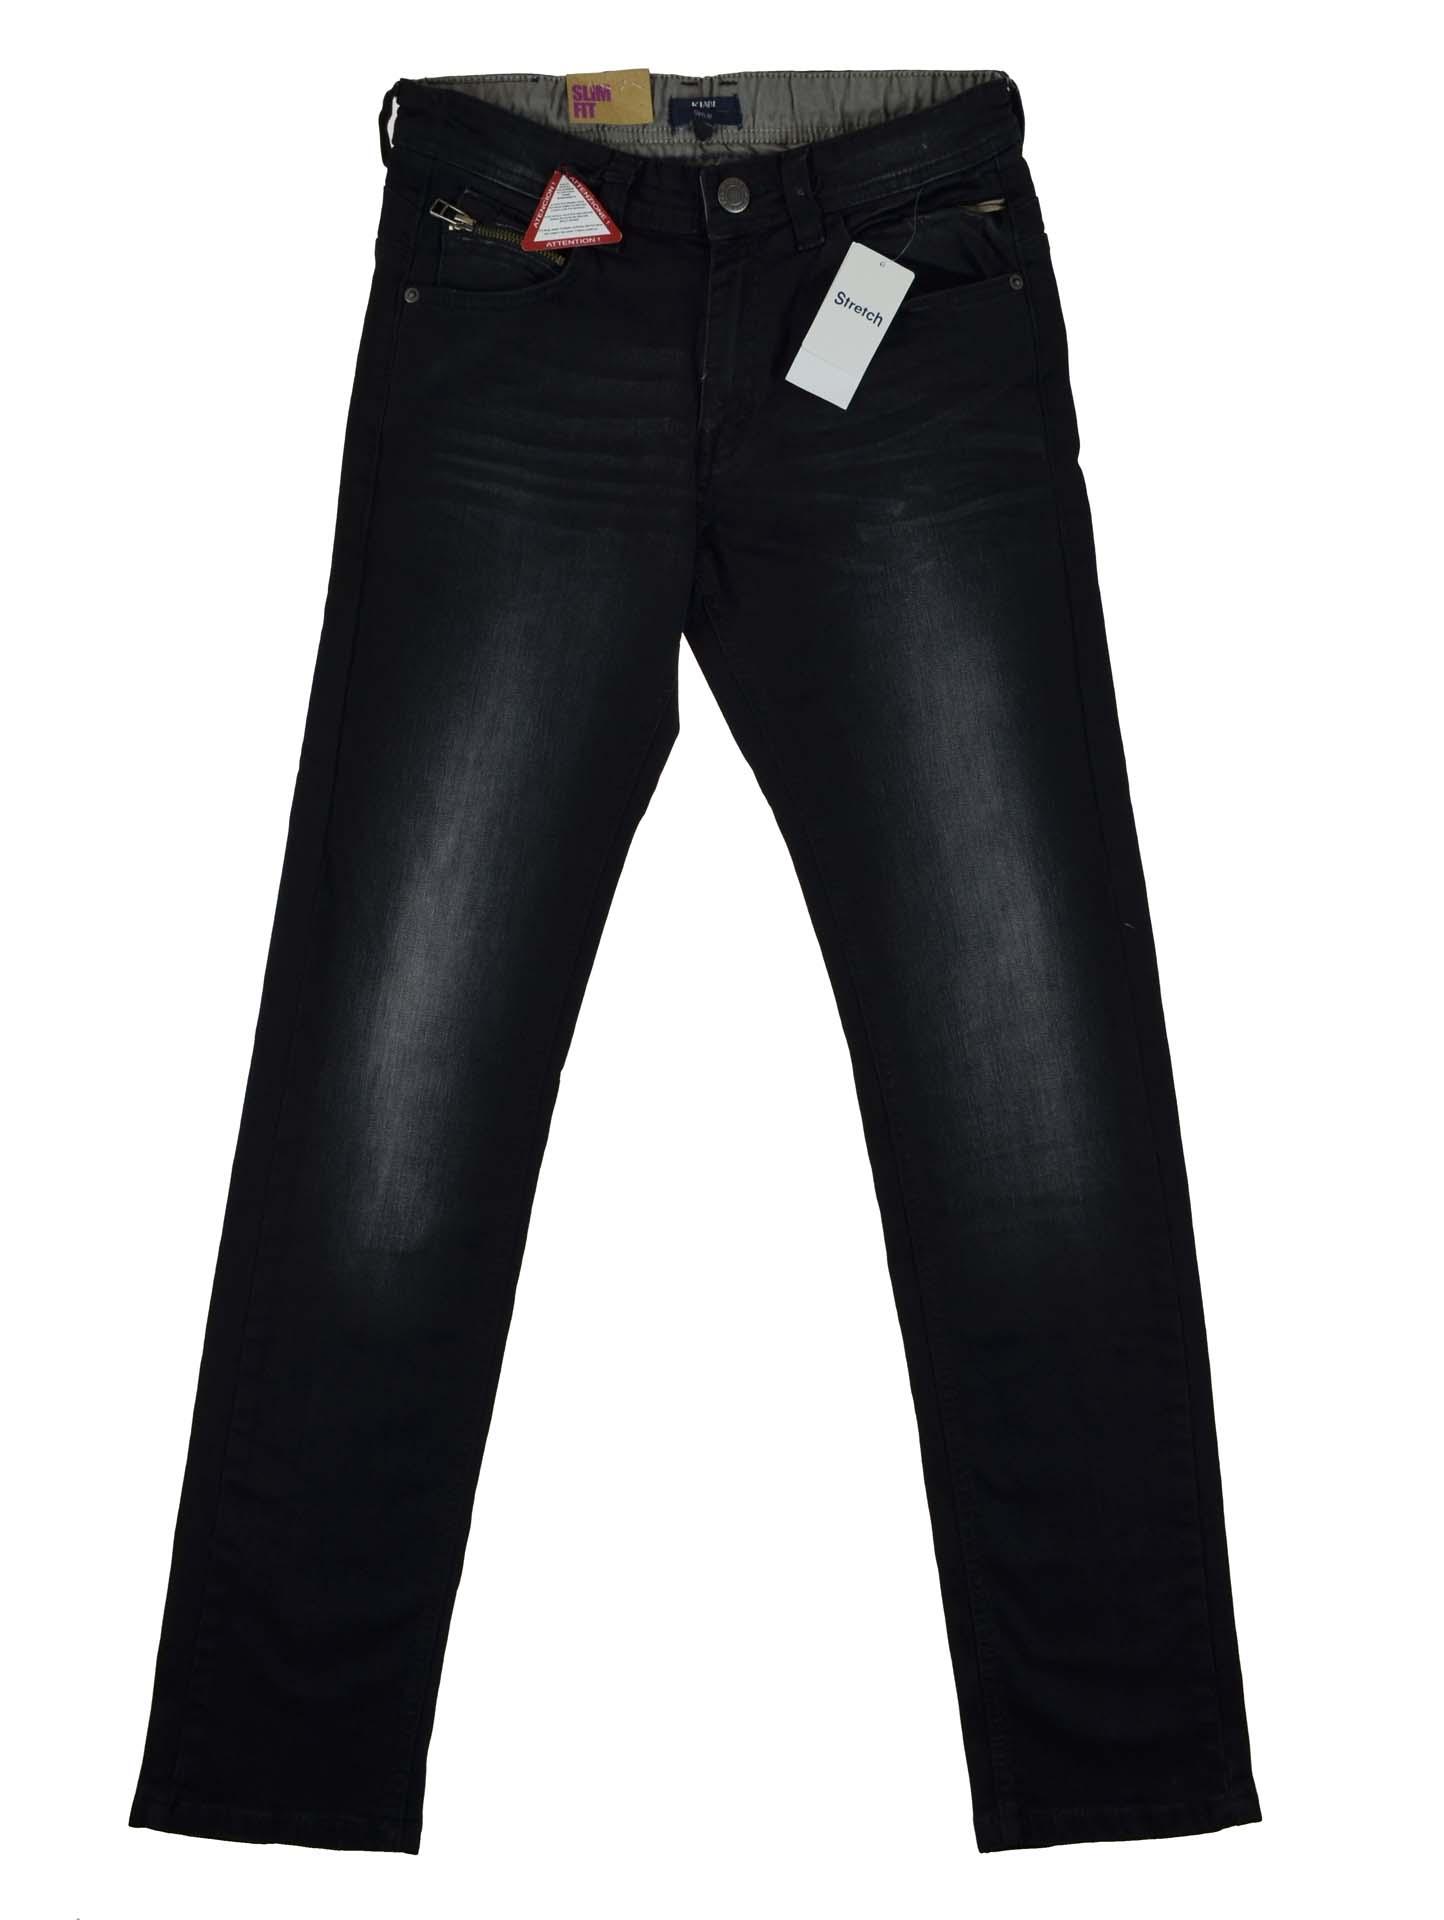 Купити Джинси чорні для підлітка  64dfe70f679cc